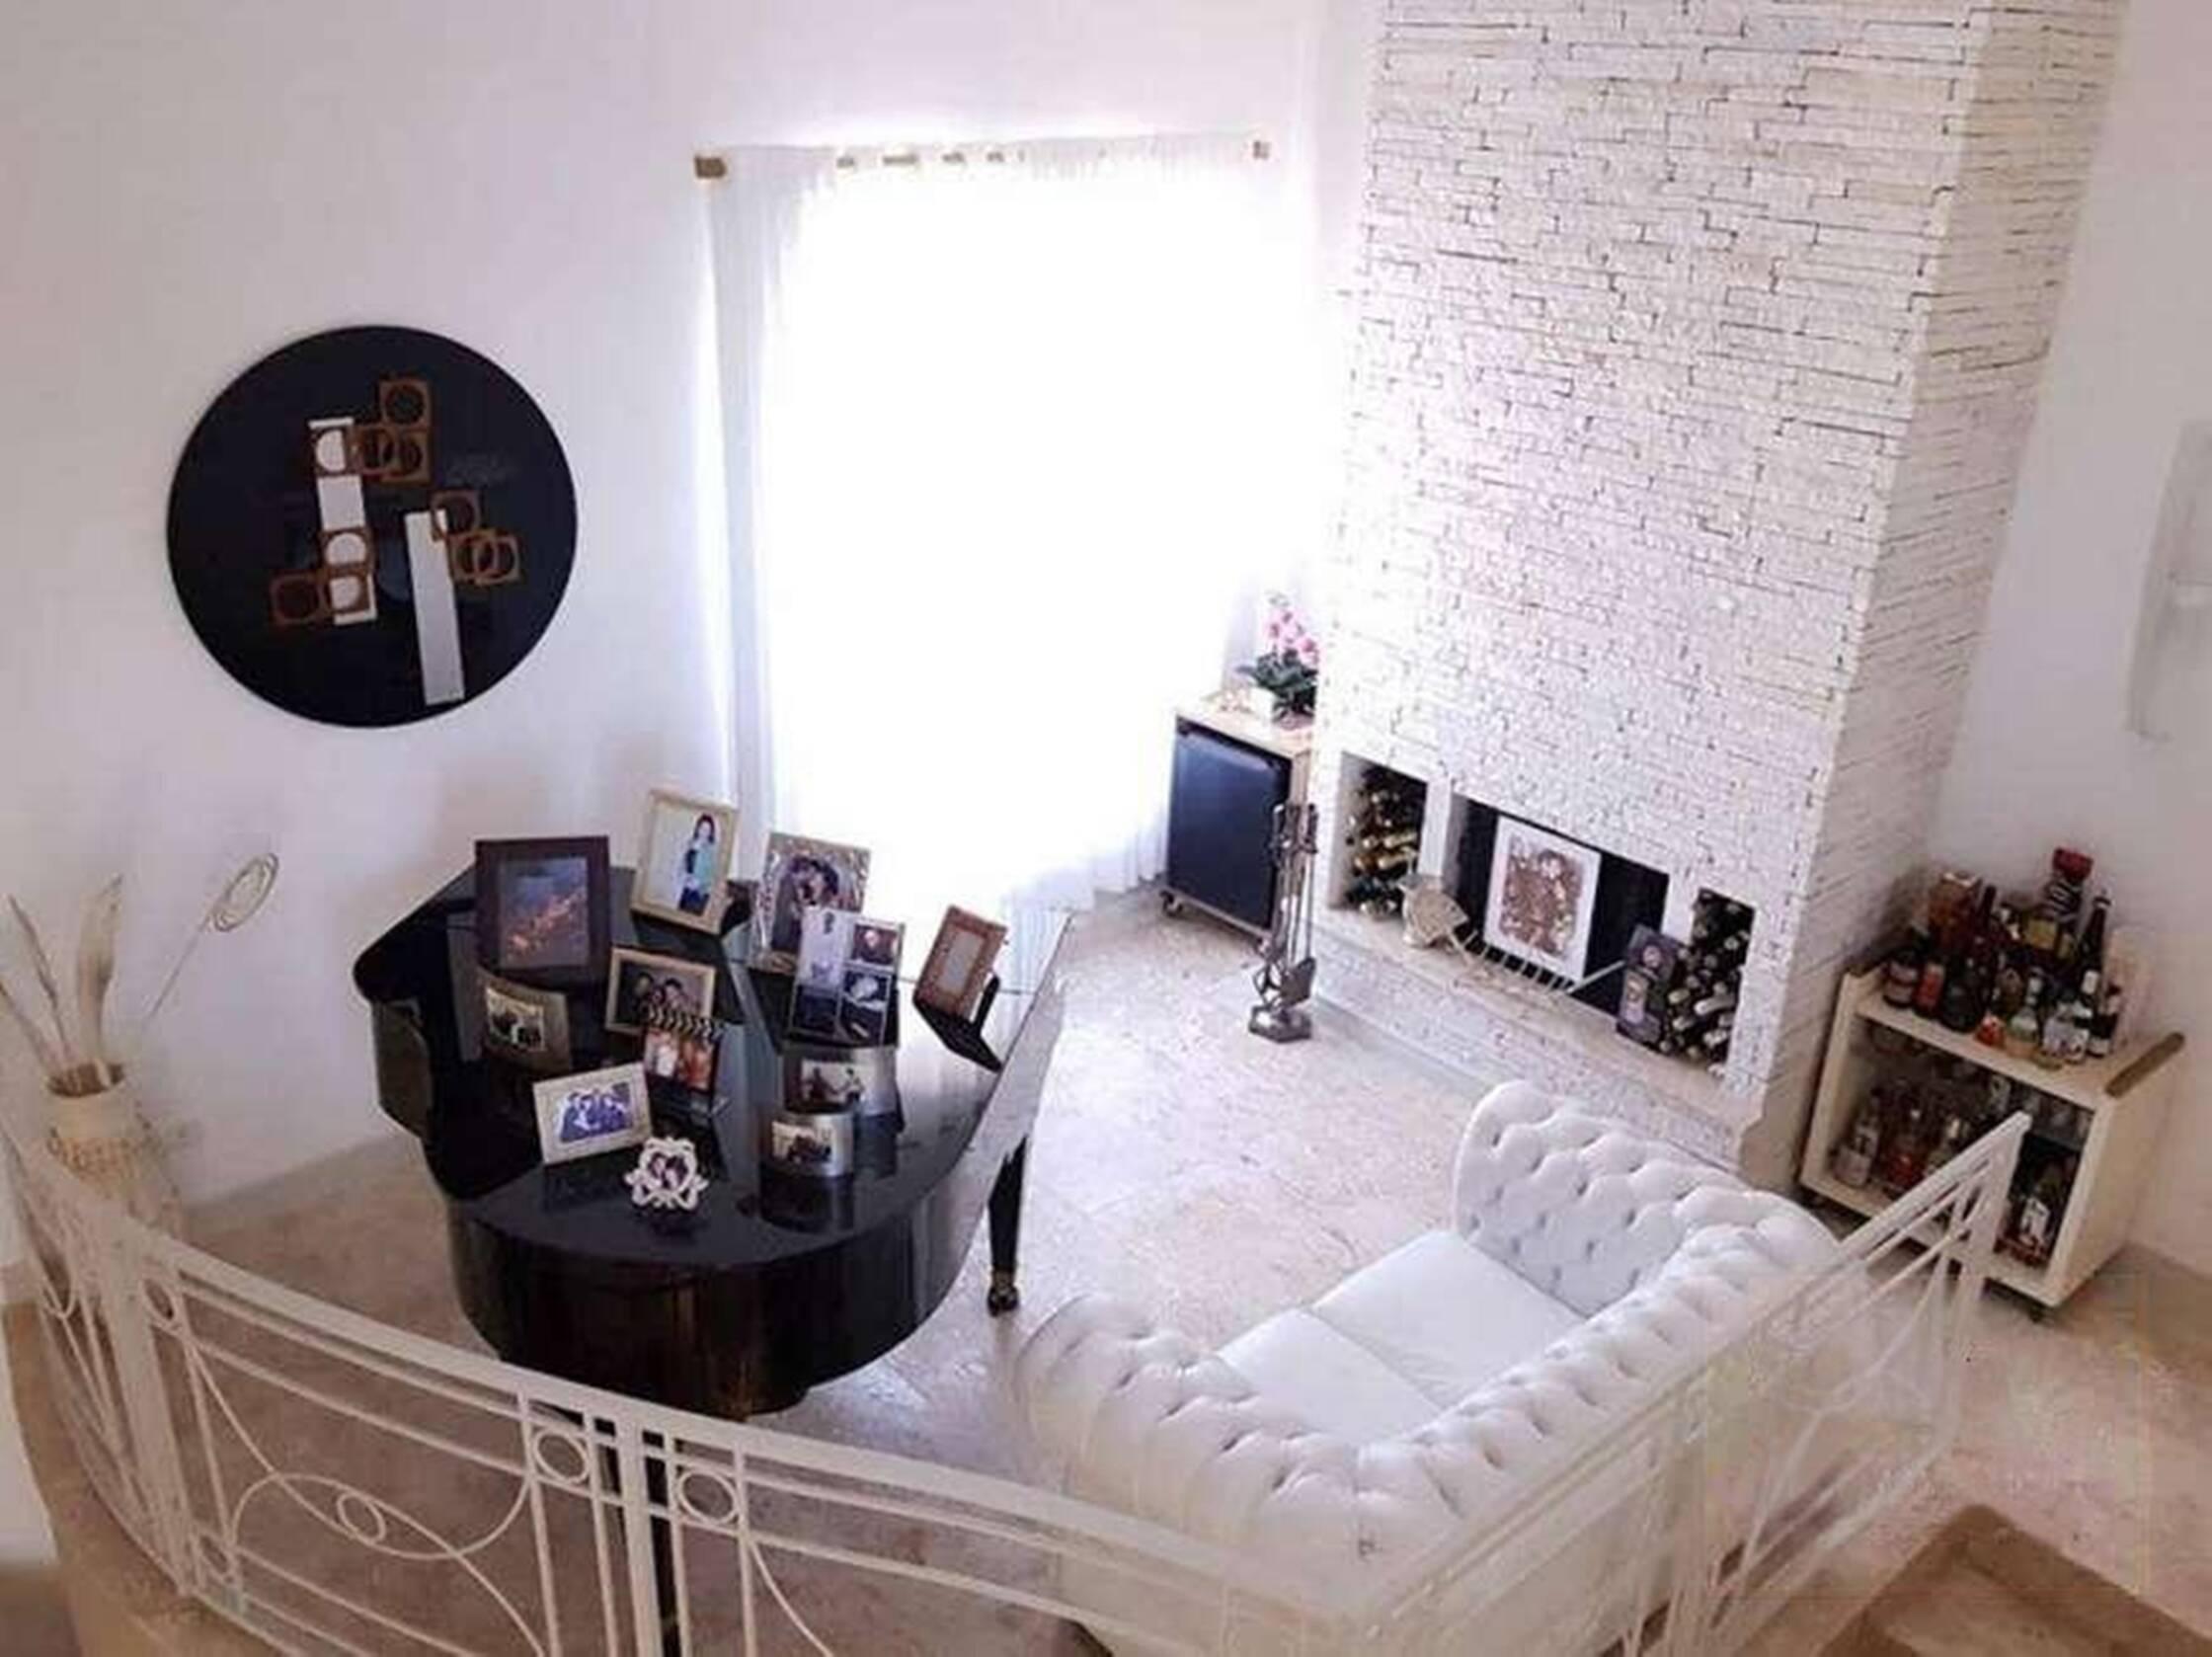 Detalhes da mansão de Rick, da dupla com Renner, que está à venda. Foto: Reprodução/Instagram